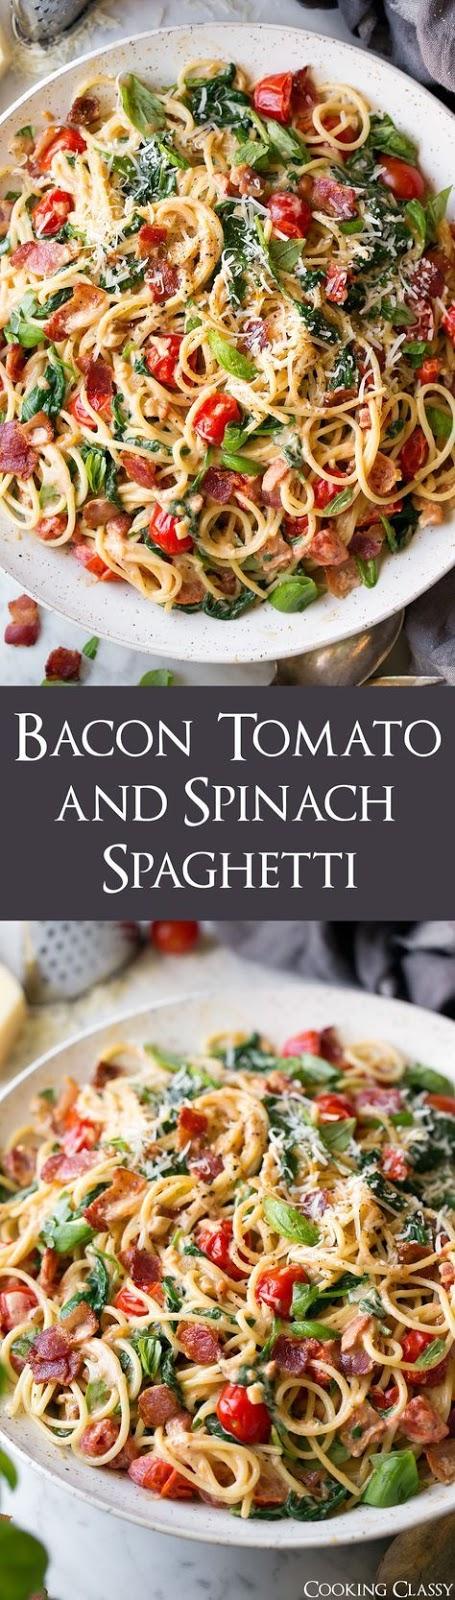 Bacon Tomato and Spinach Spaghetti